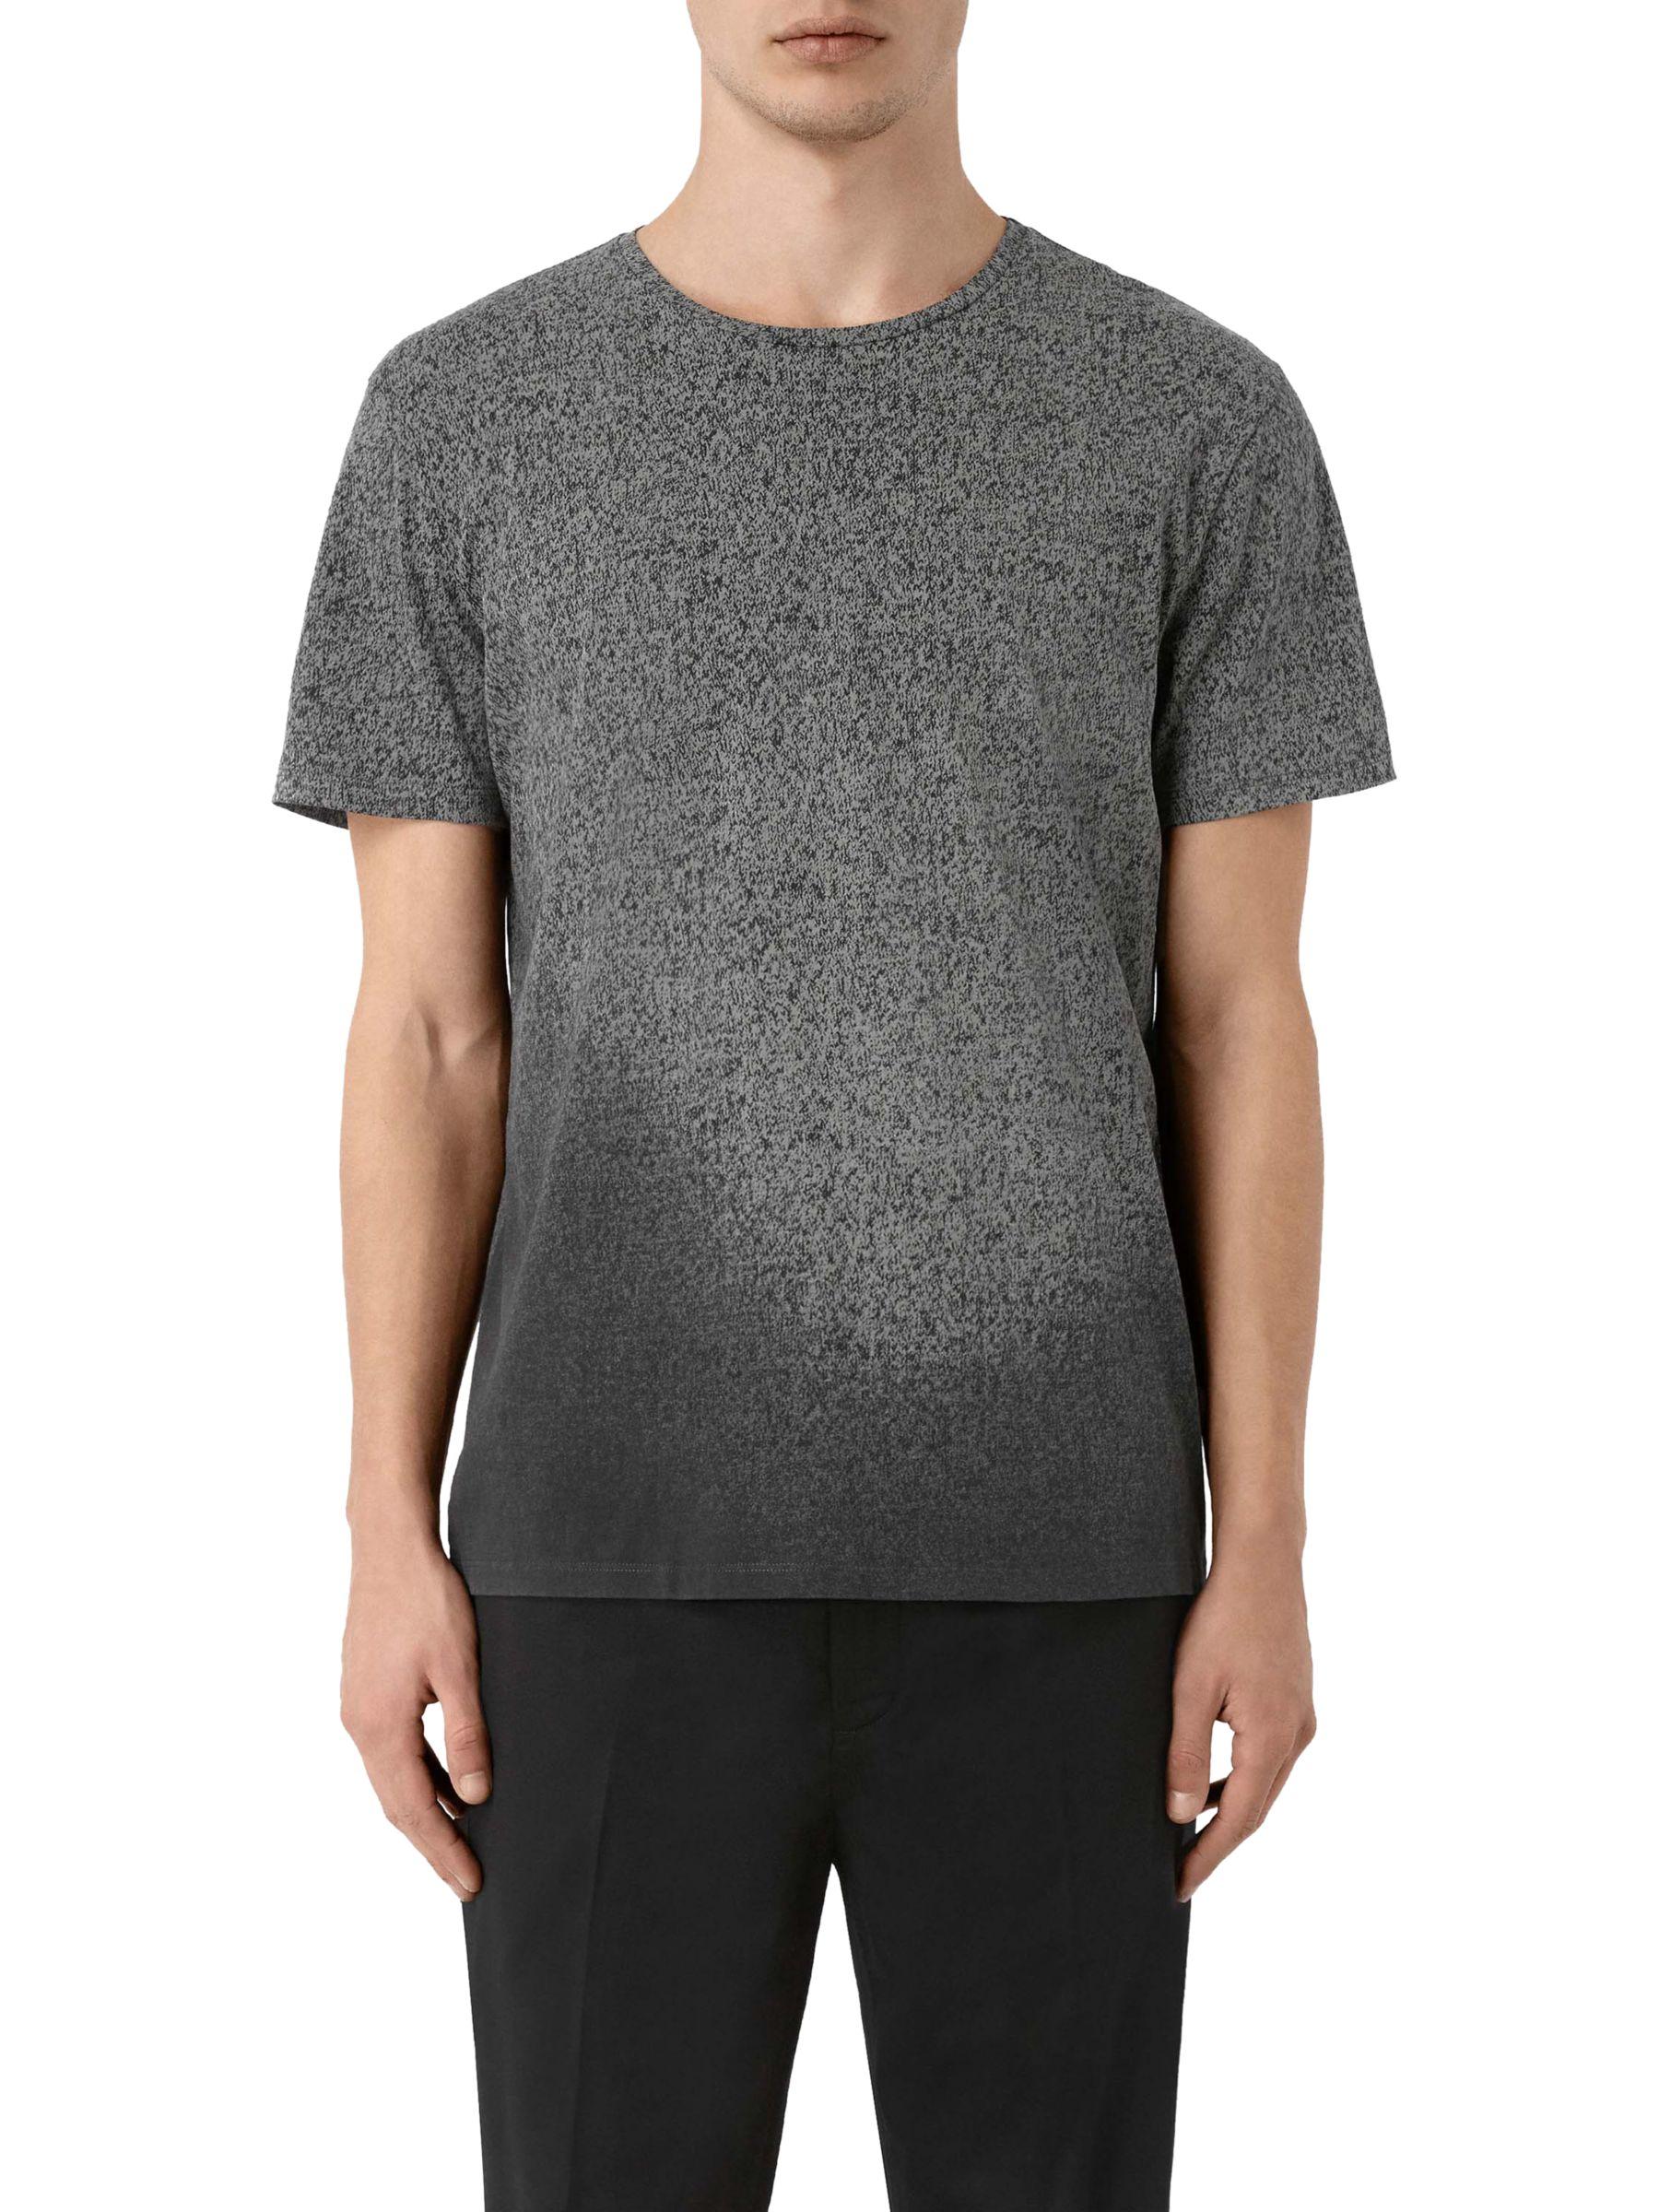 AllSaints AllSaints Mono Gauge Crew T-Shirt, Vintage Black/Light Grey